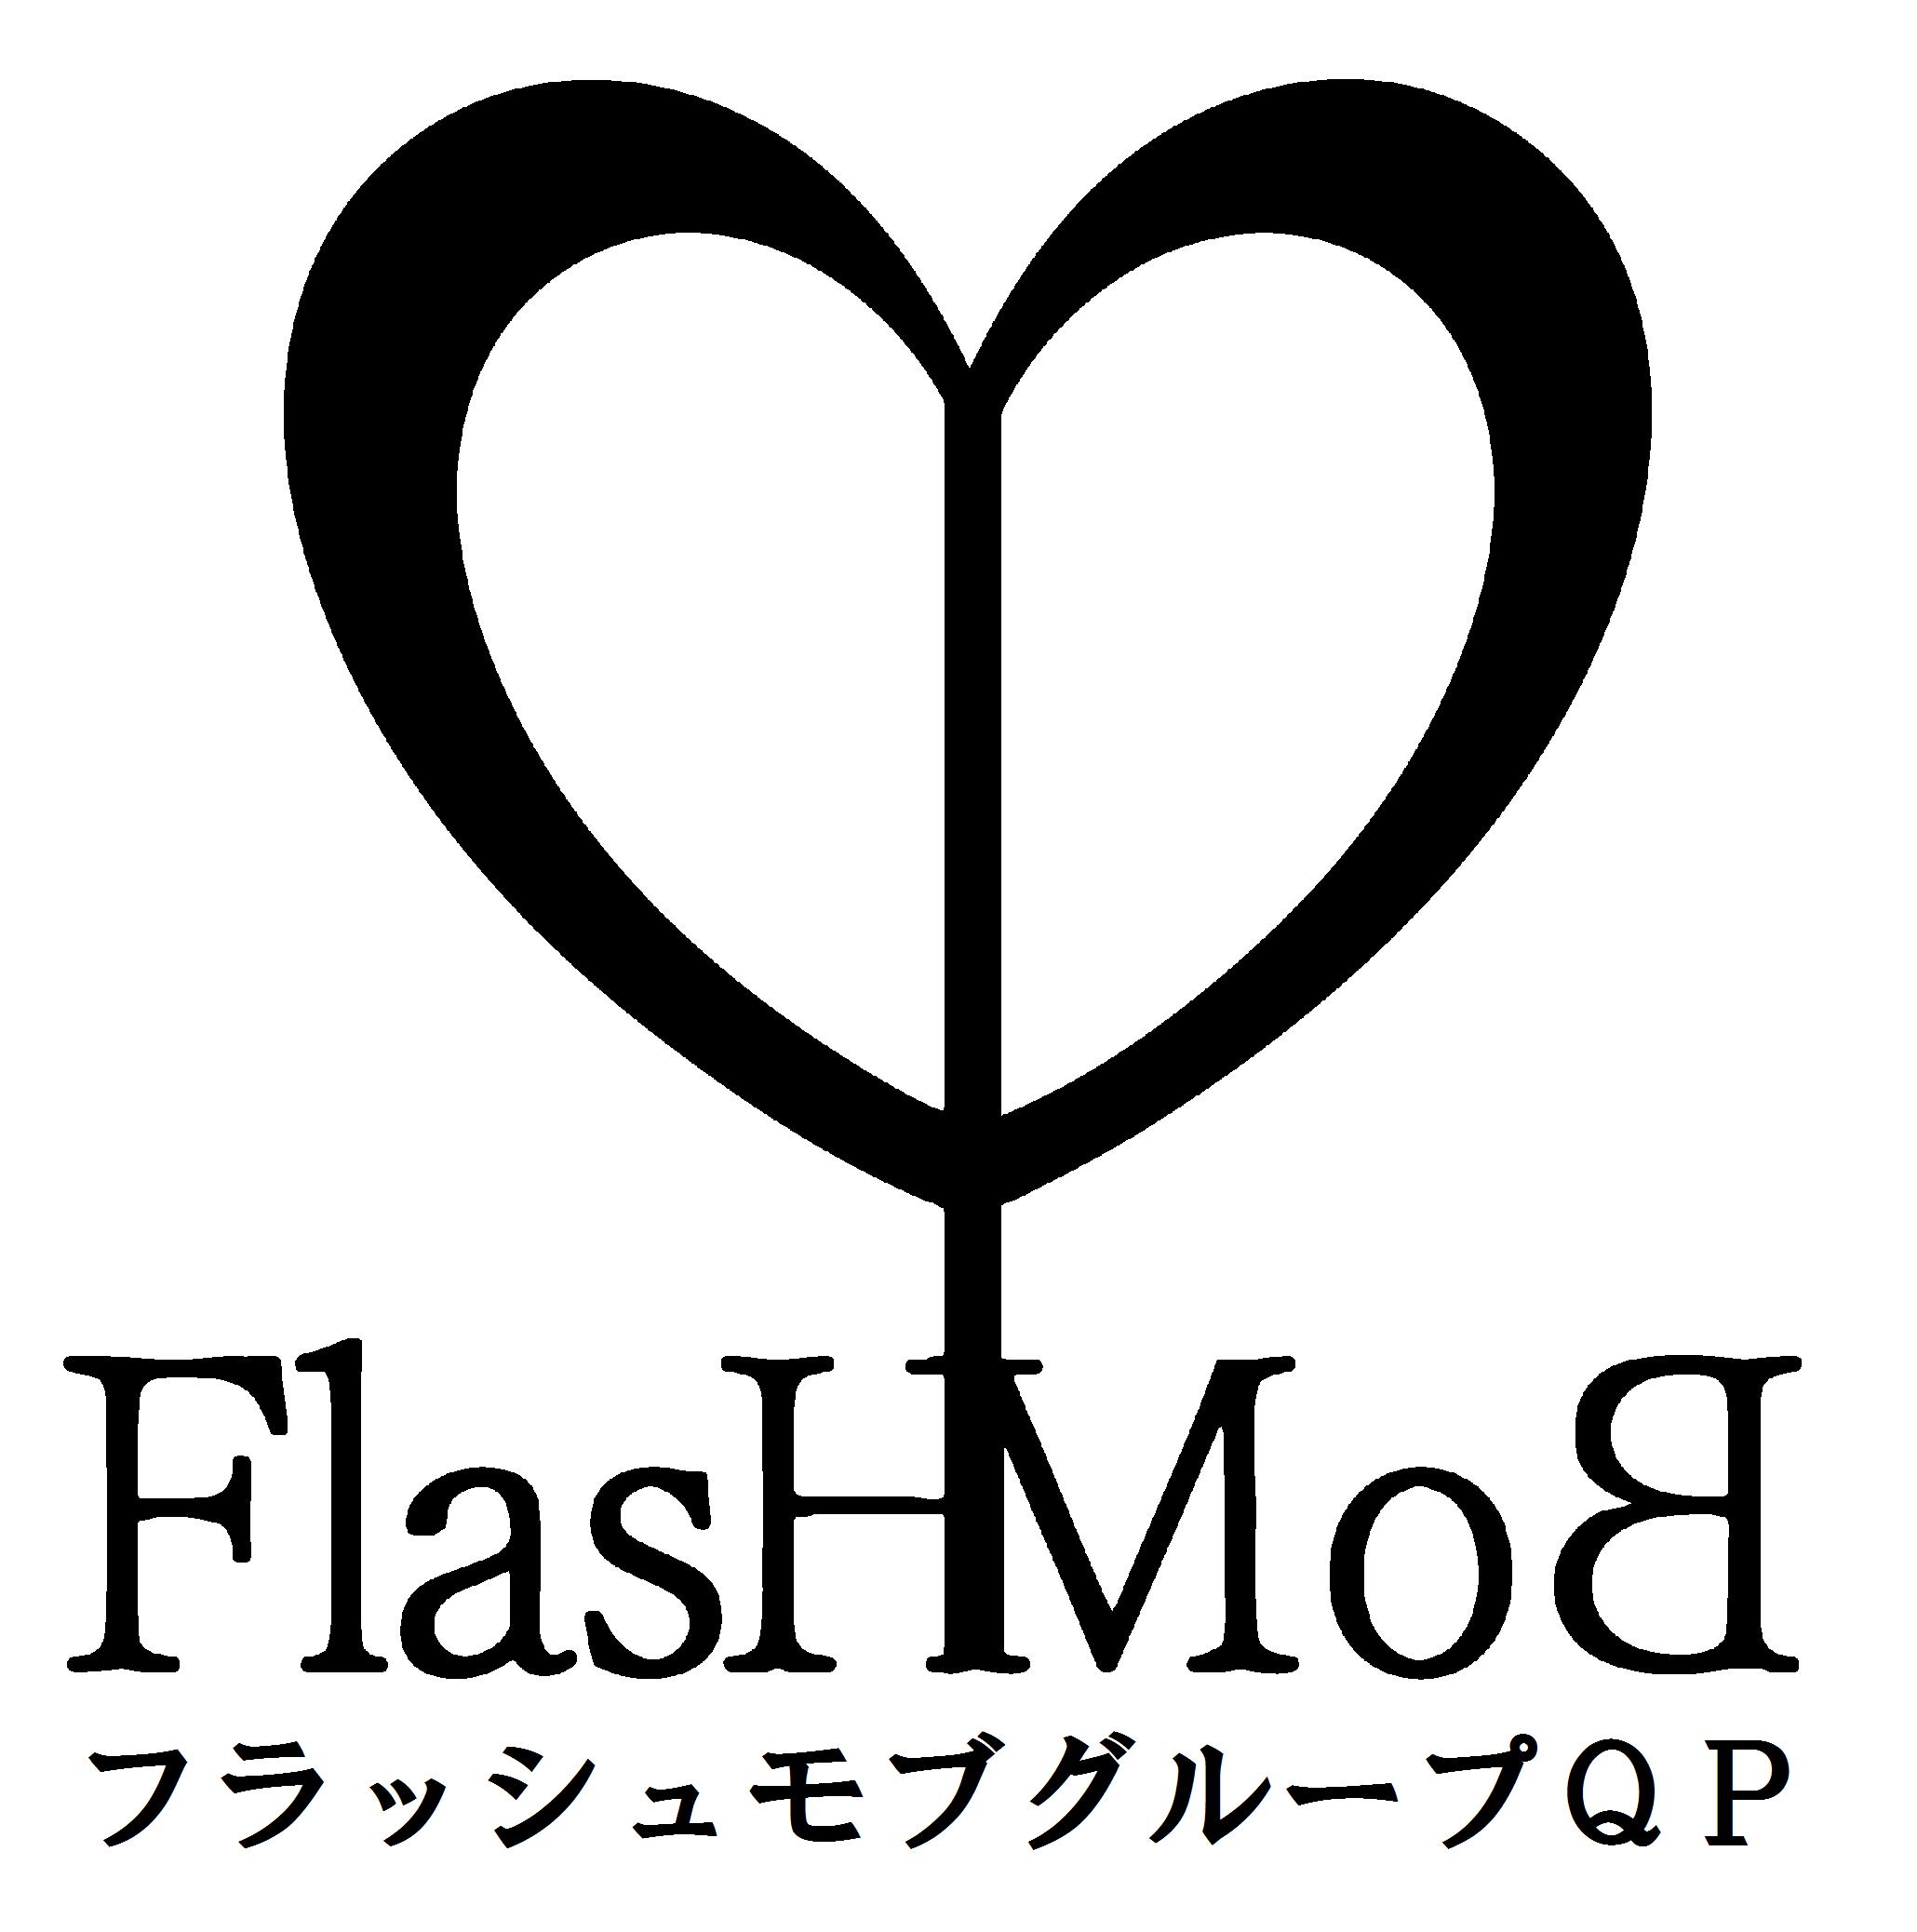 フラッシュモブグループQP